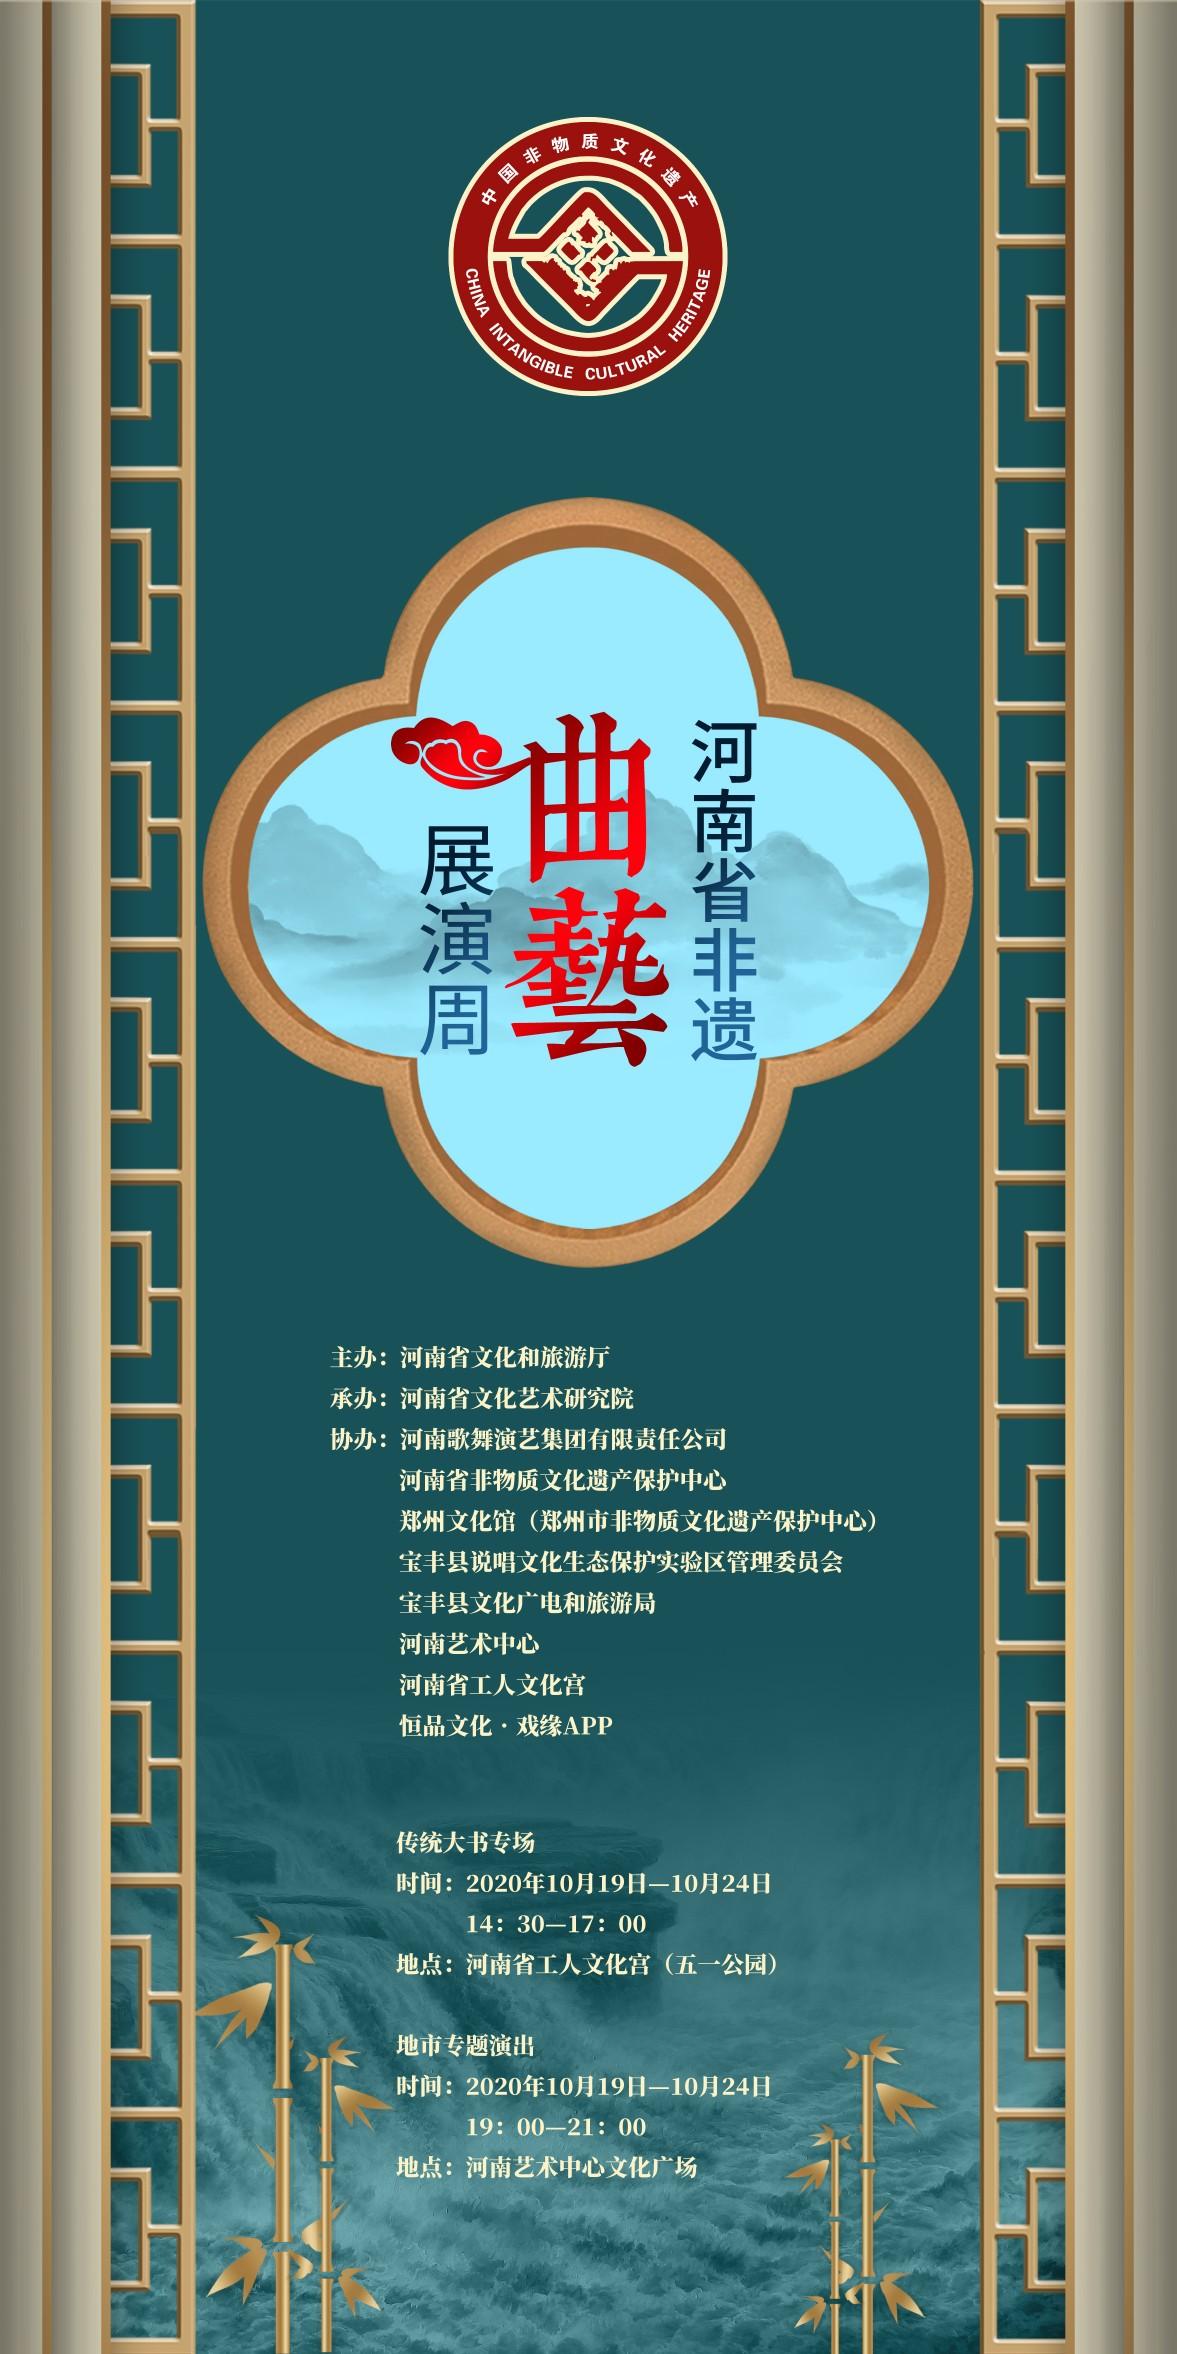 12个曲种、65个曲(书)目同台竟艺 河南省非遗曲艺展演周即将开演